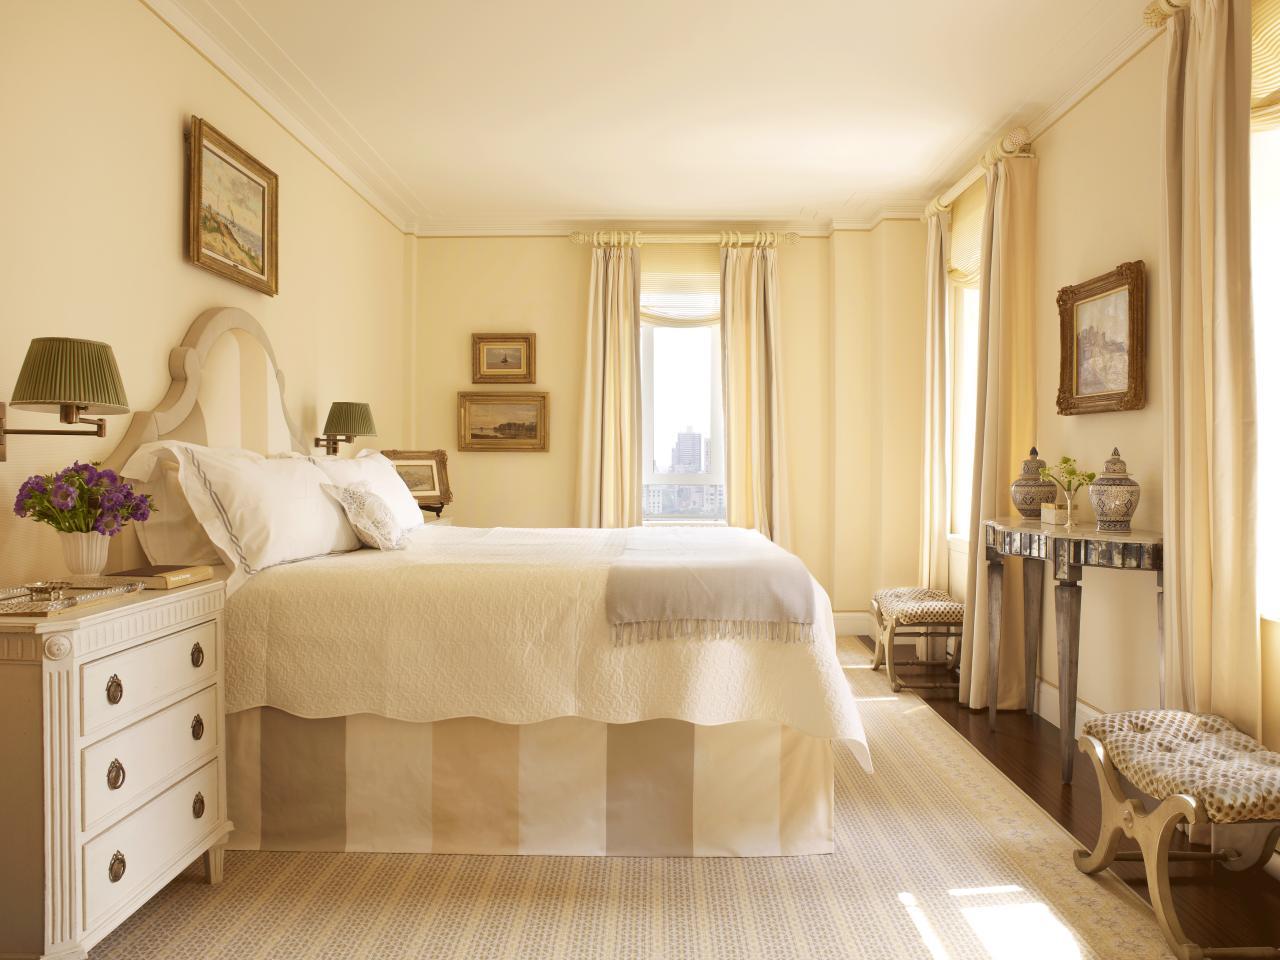 postelna plachta